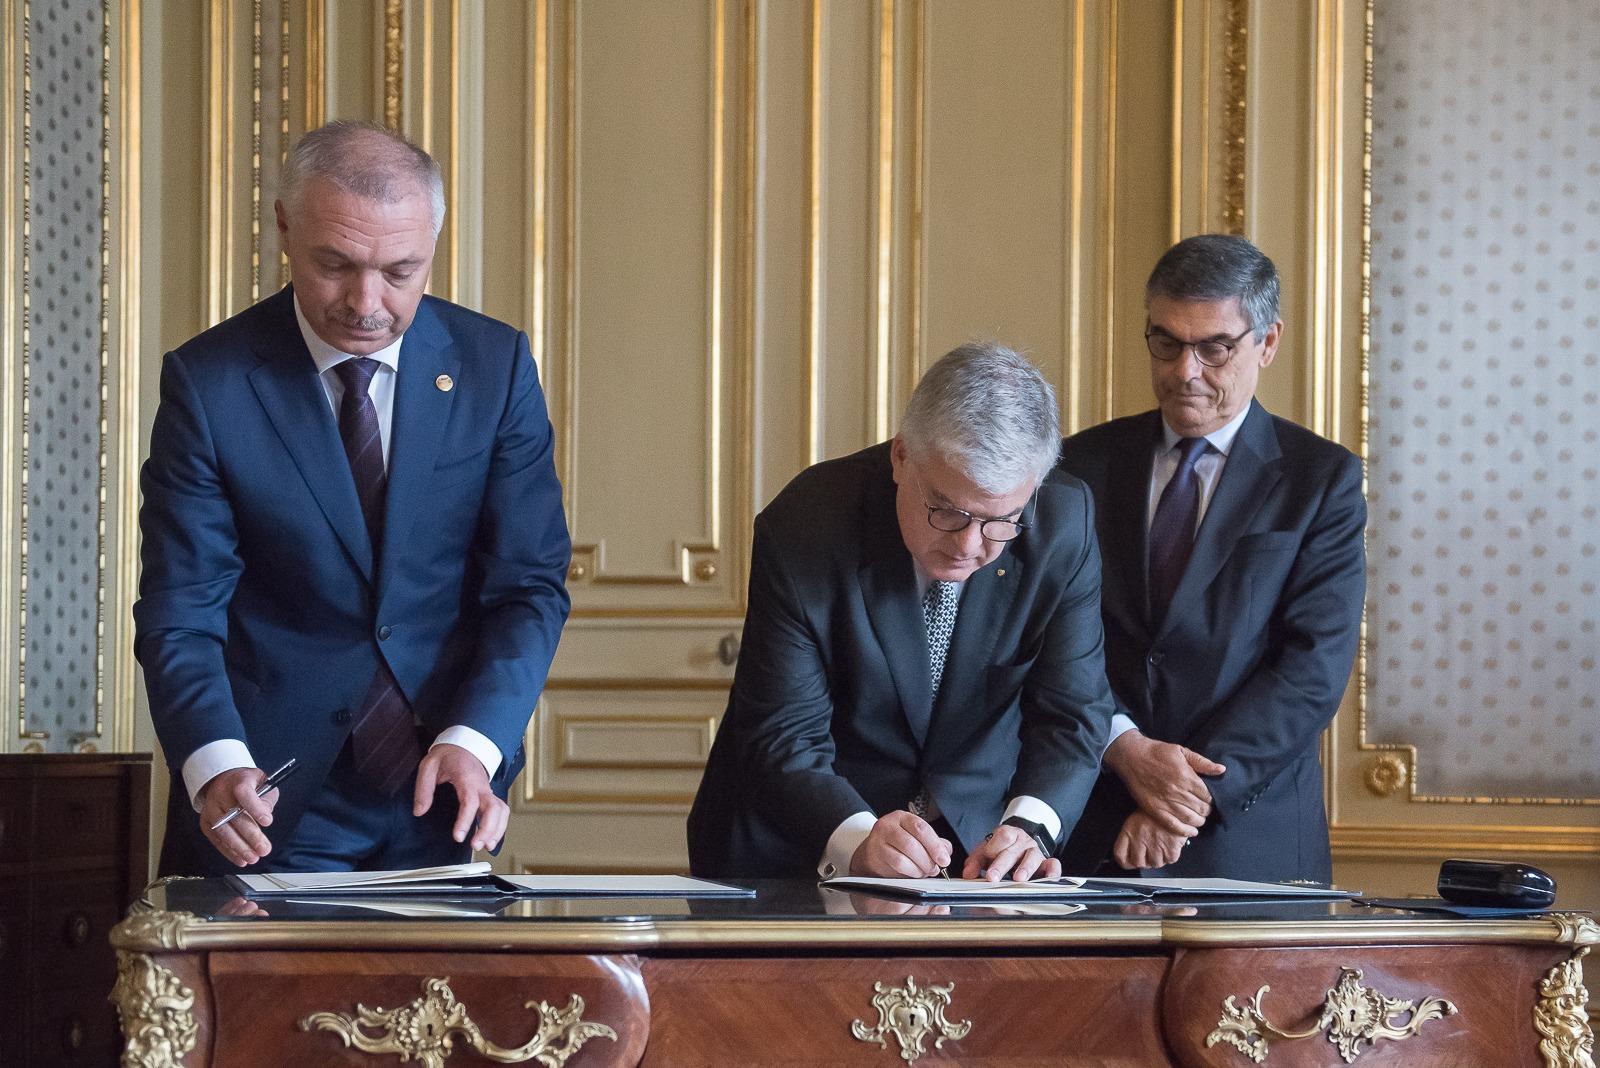 Acord de colaborare între Universitatea de Medicină și Farmacie din Tîrgu Mureș și Universitatea din Lisabona